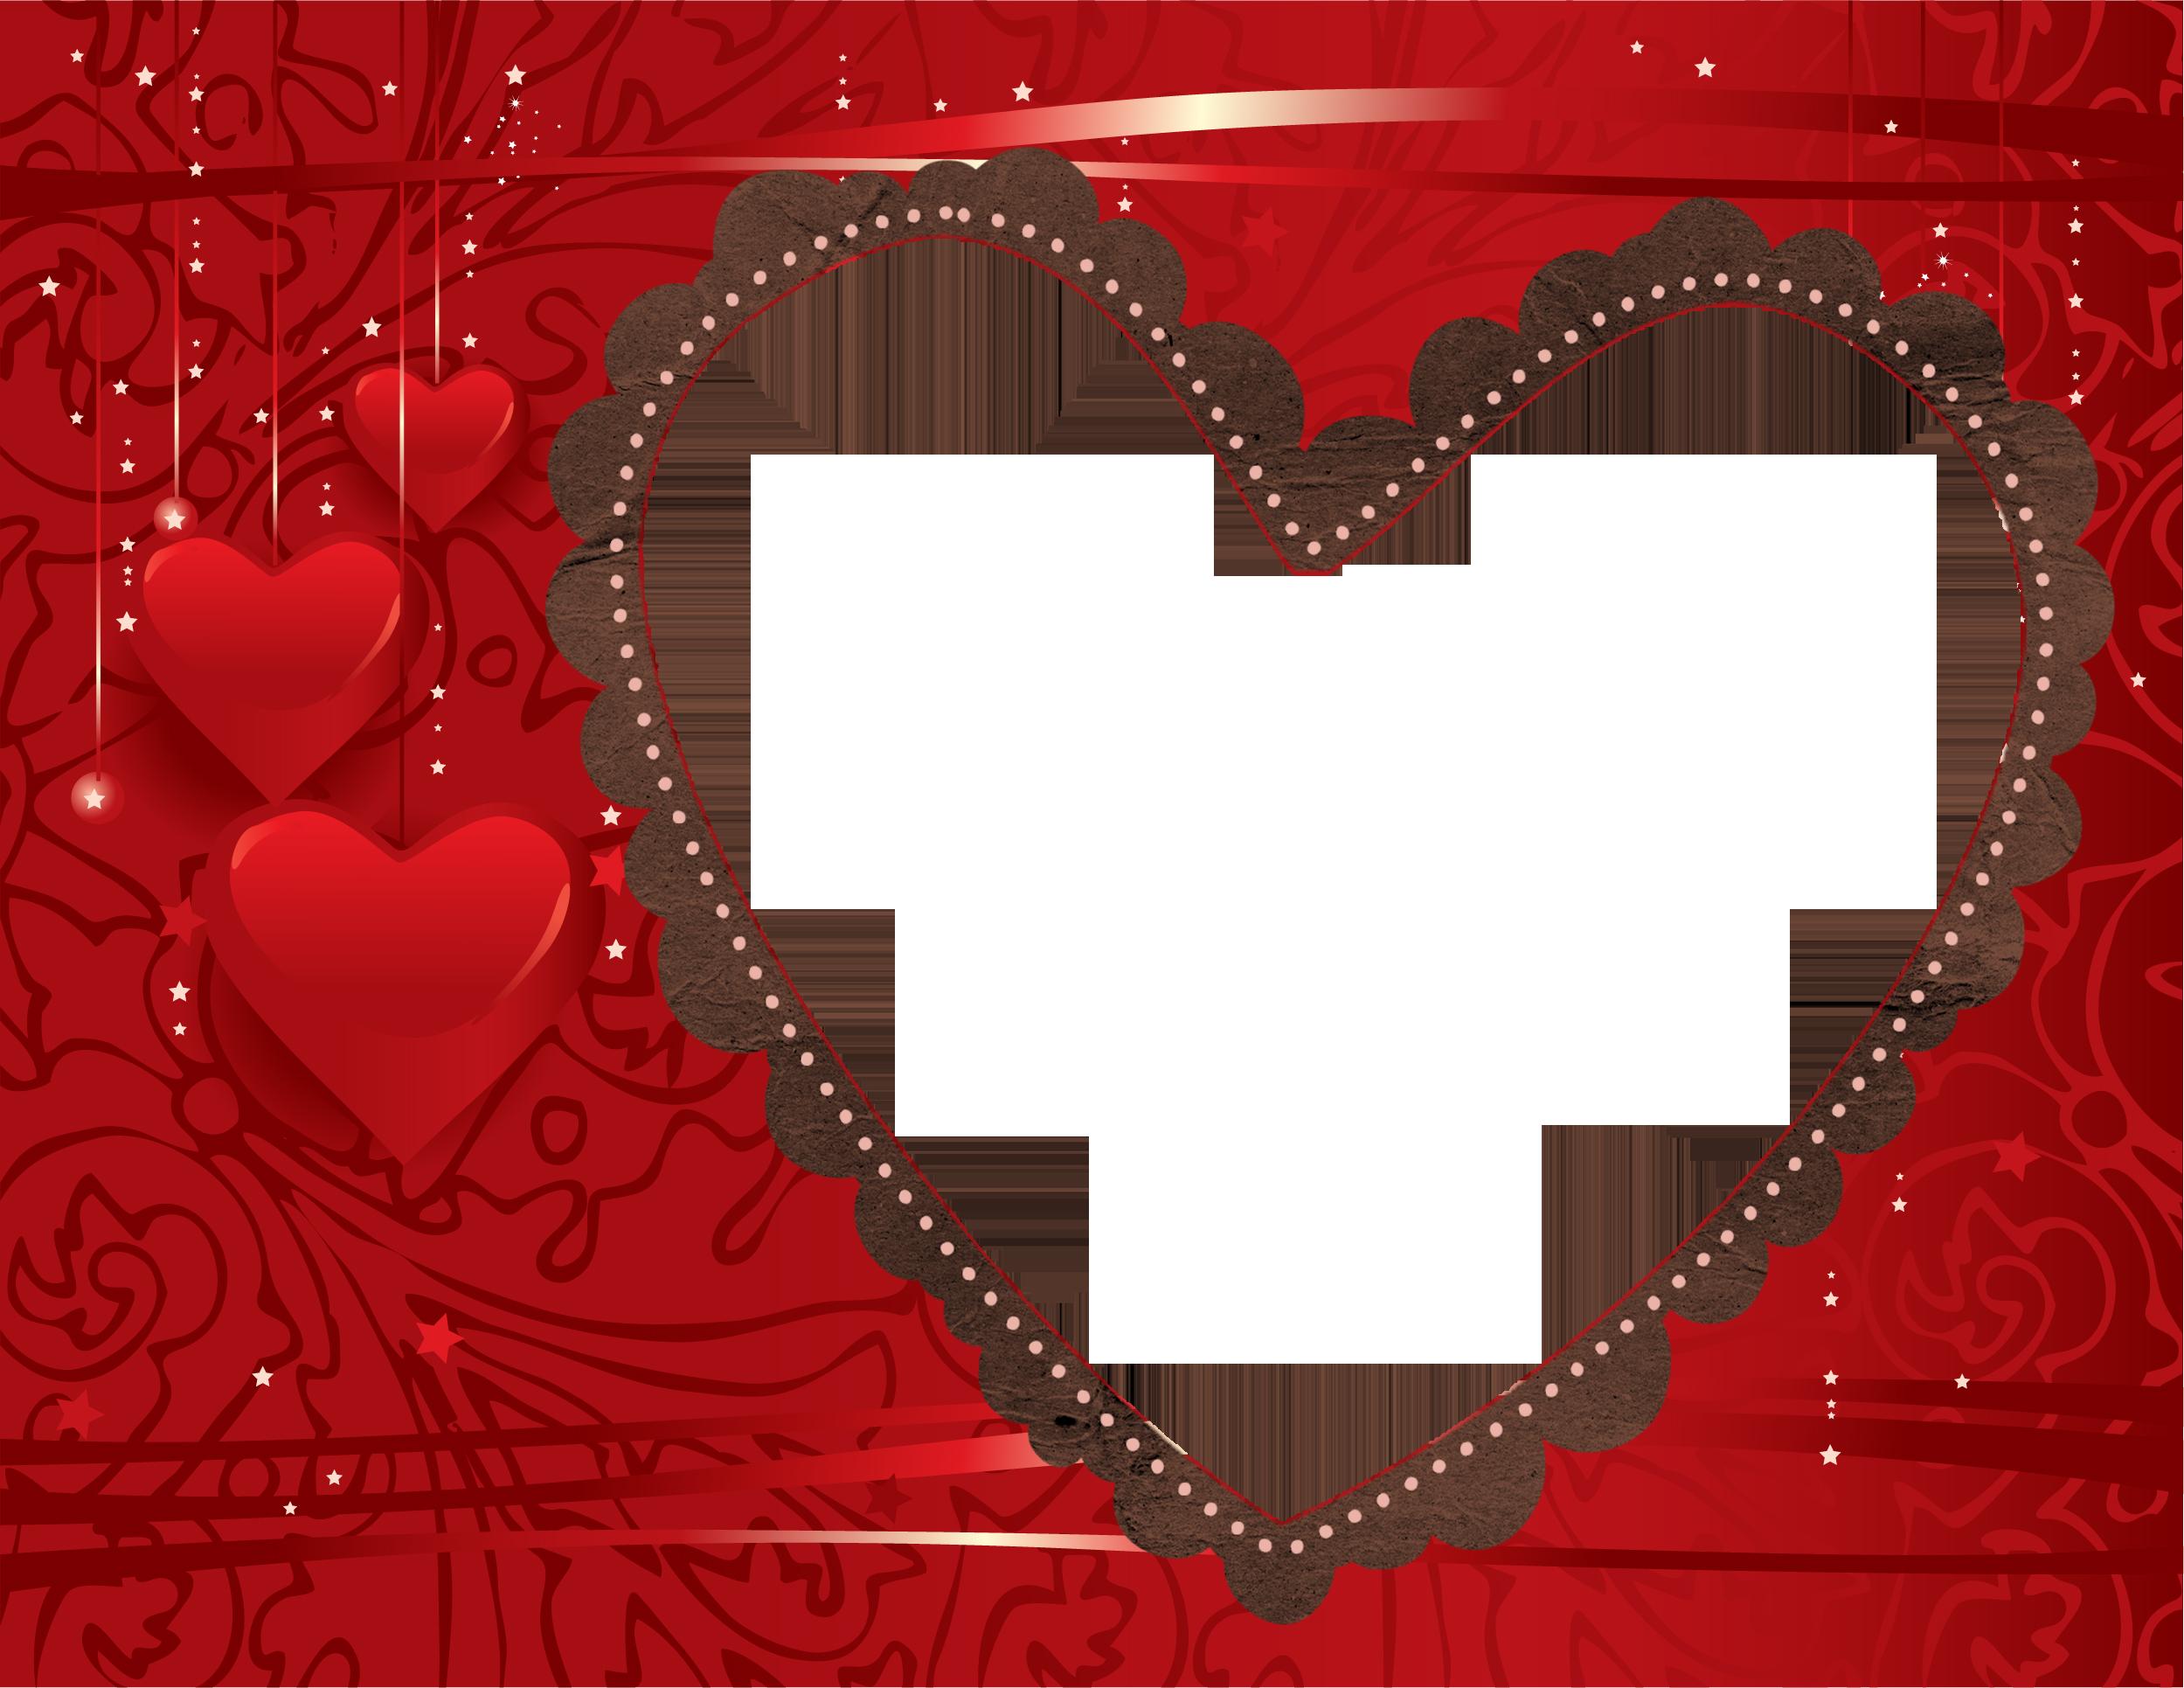 картинки сердце шаблон фото открытка это относится